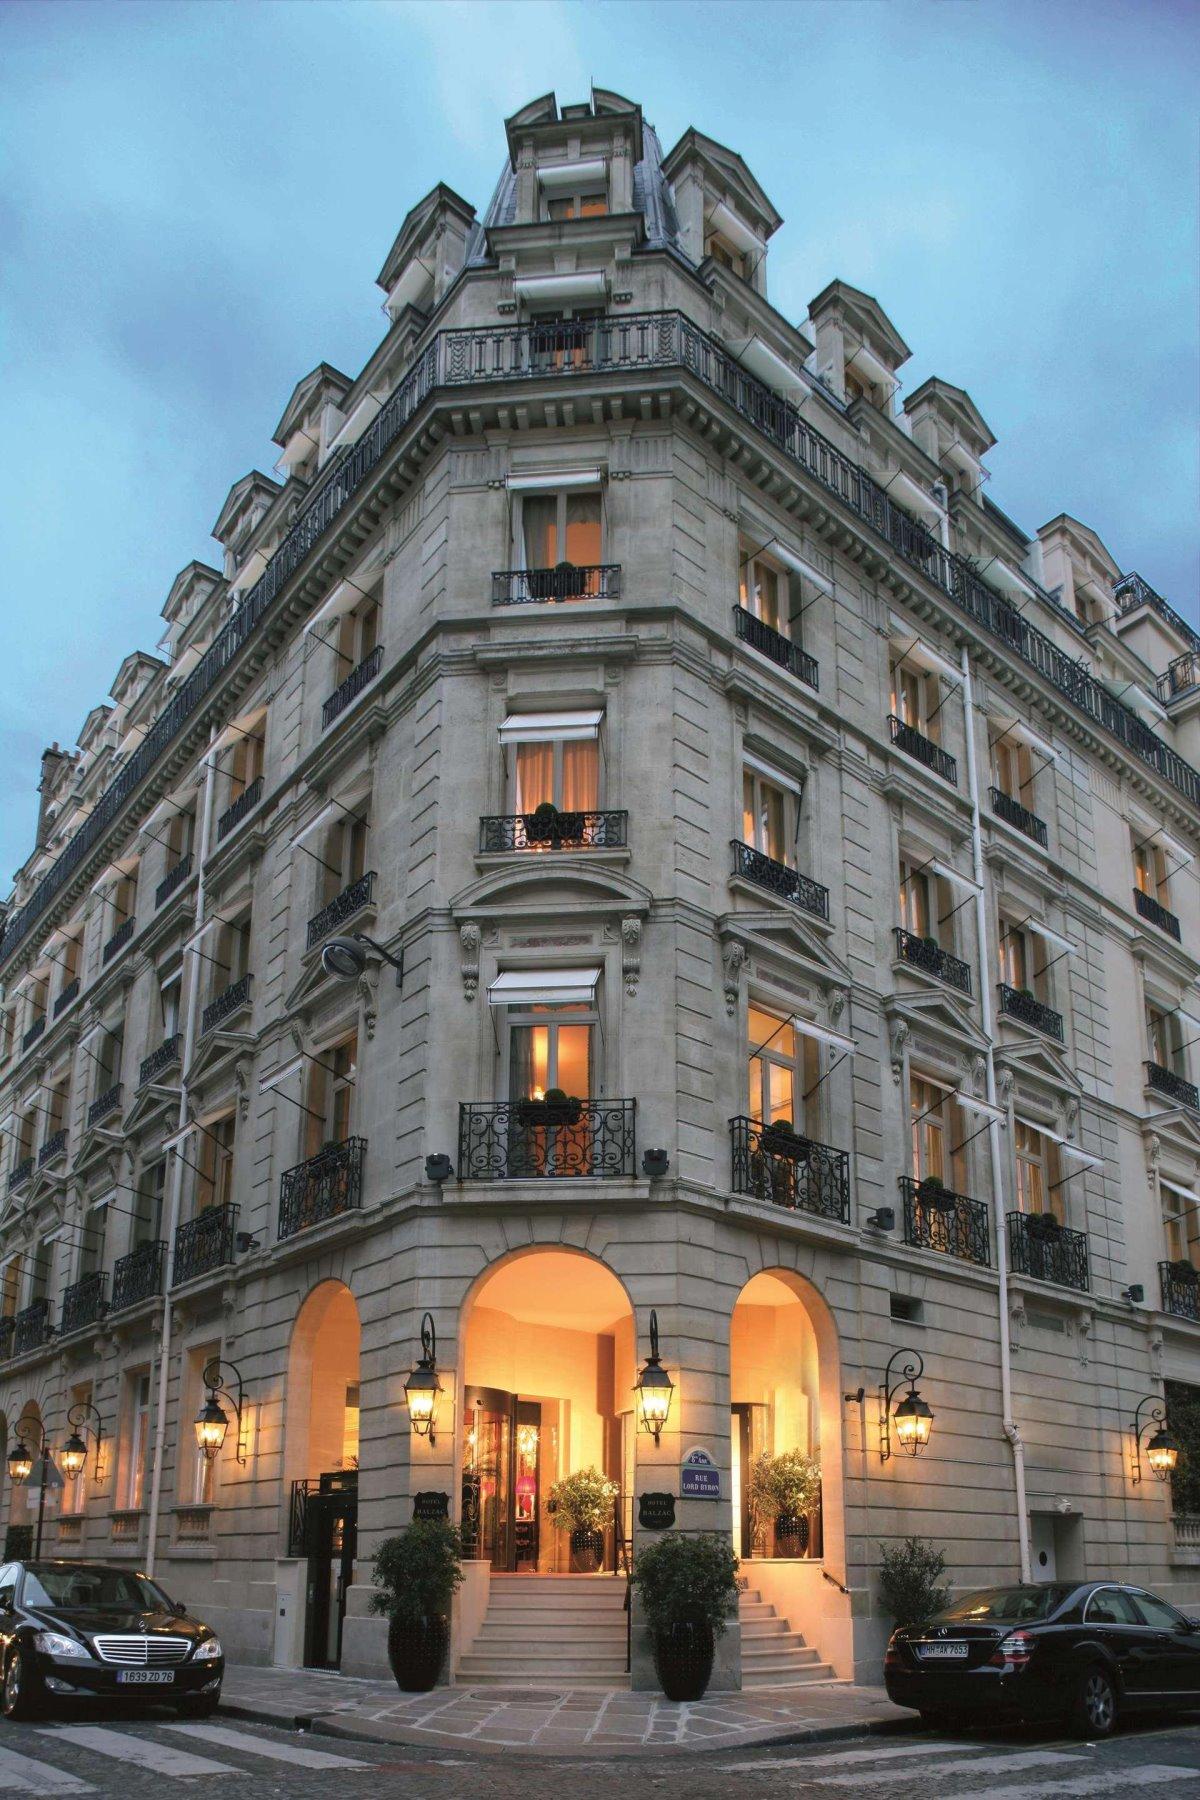 Hotel Balzac, Παρίσι, Γαλλία